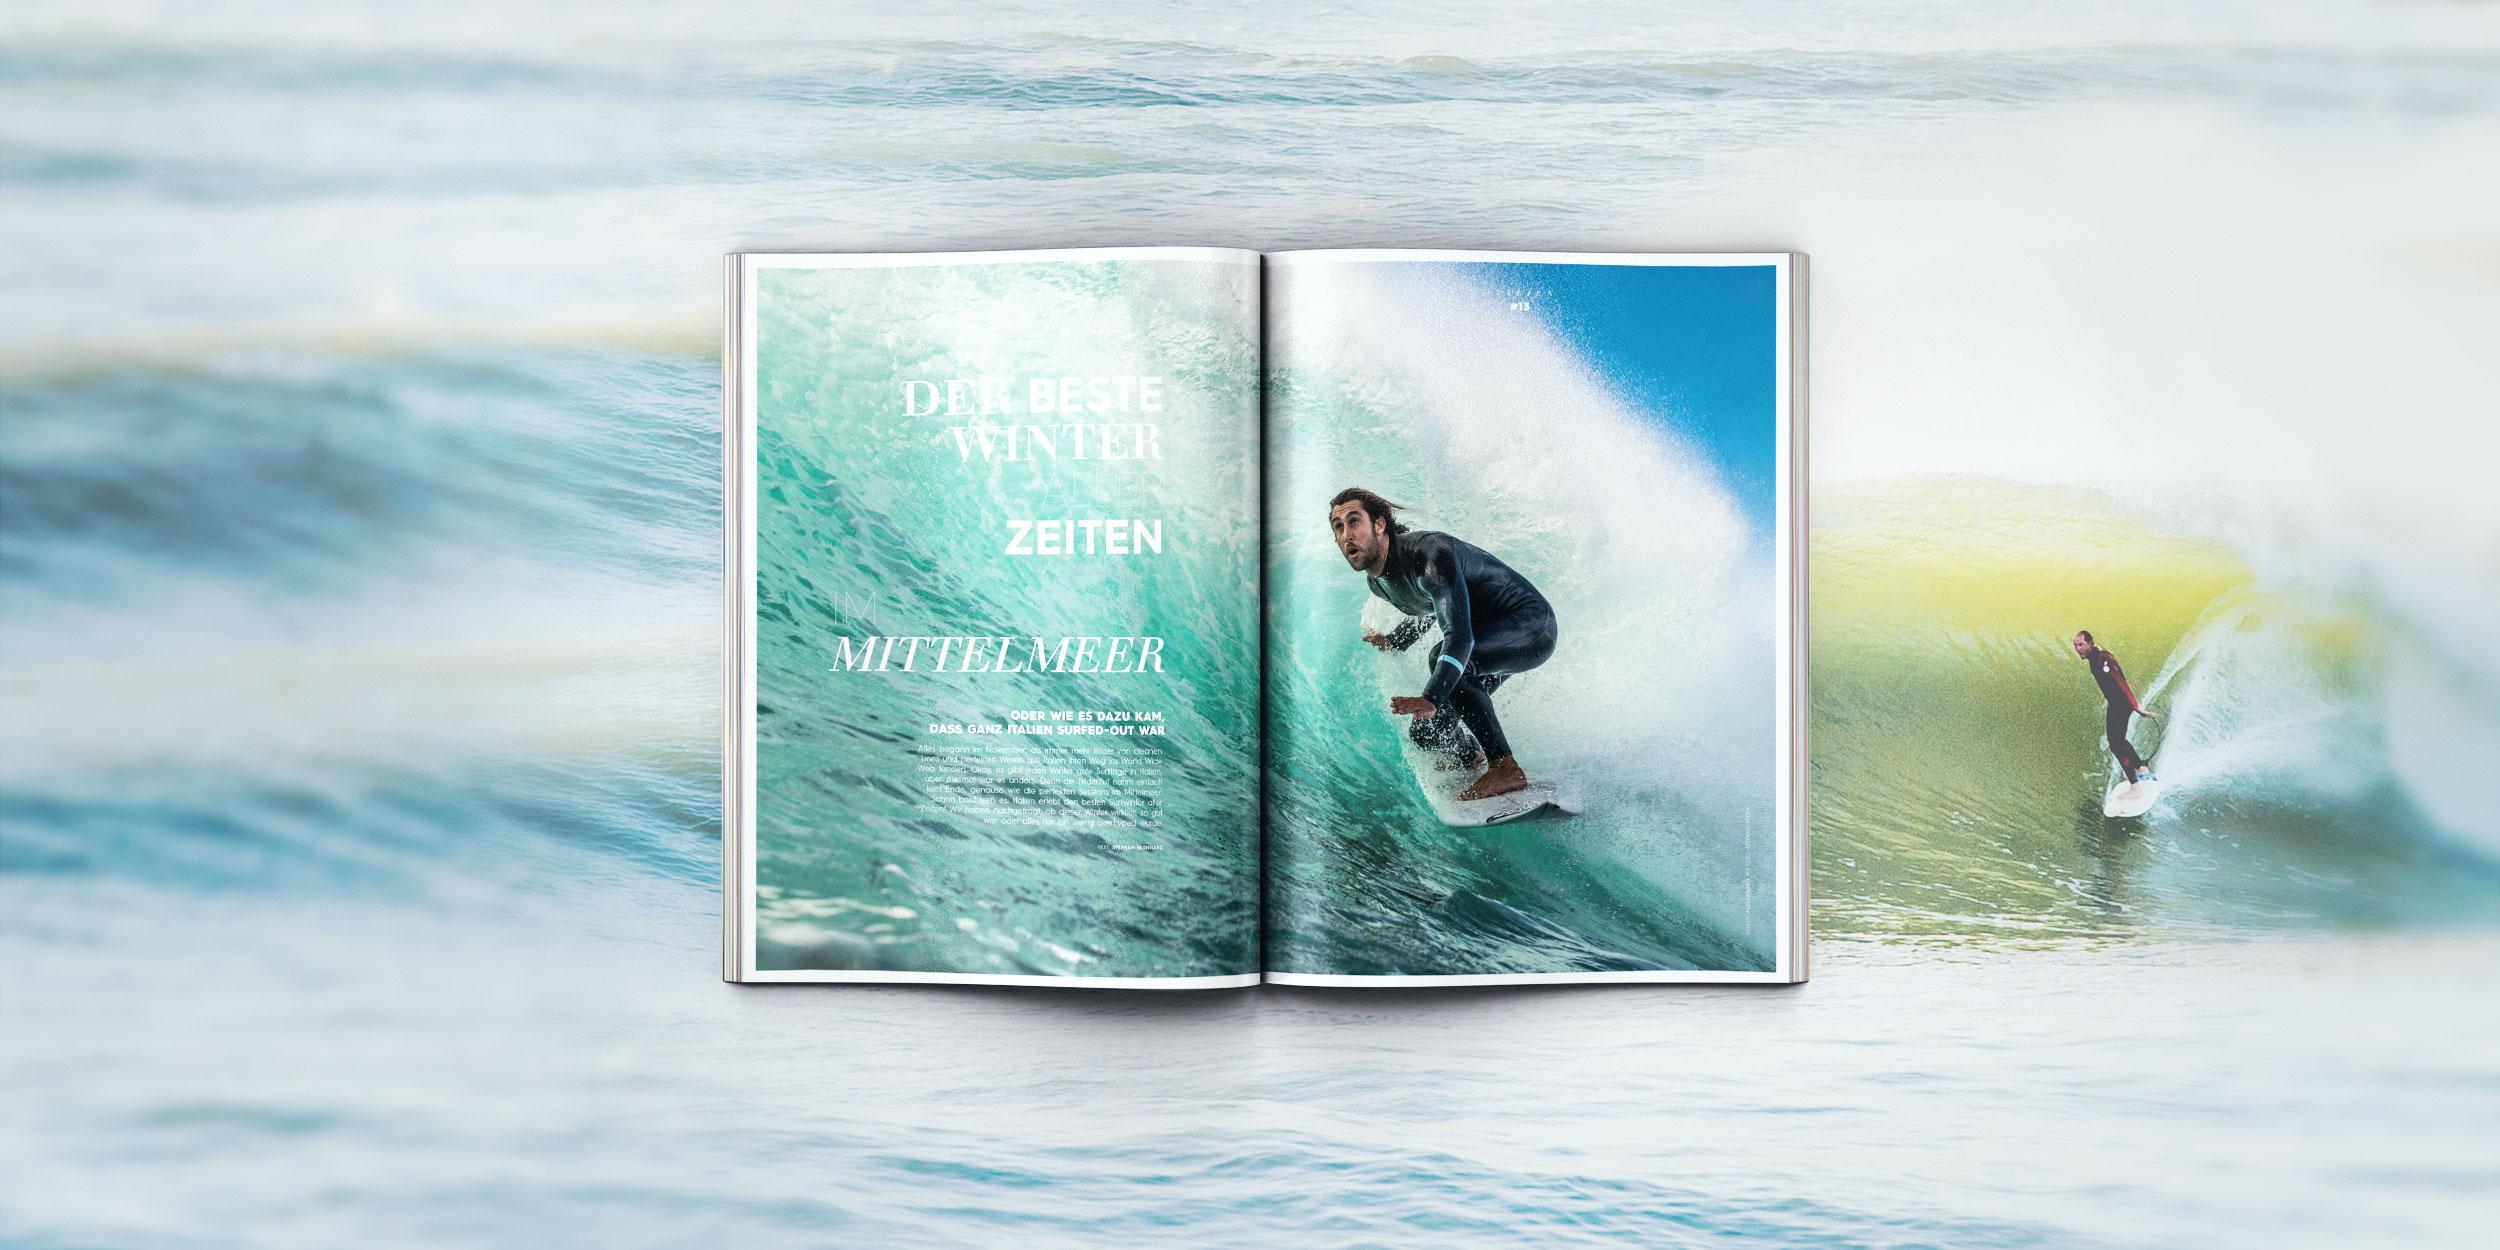 Prime Surfing 13 ist da und bringt den besten Winter, den Italien je hatte.